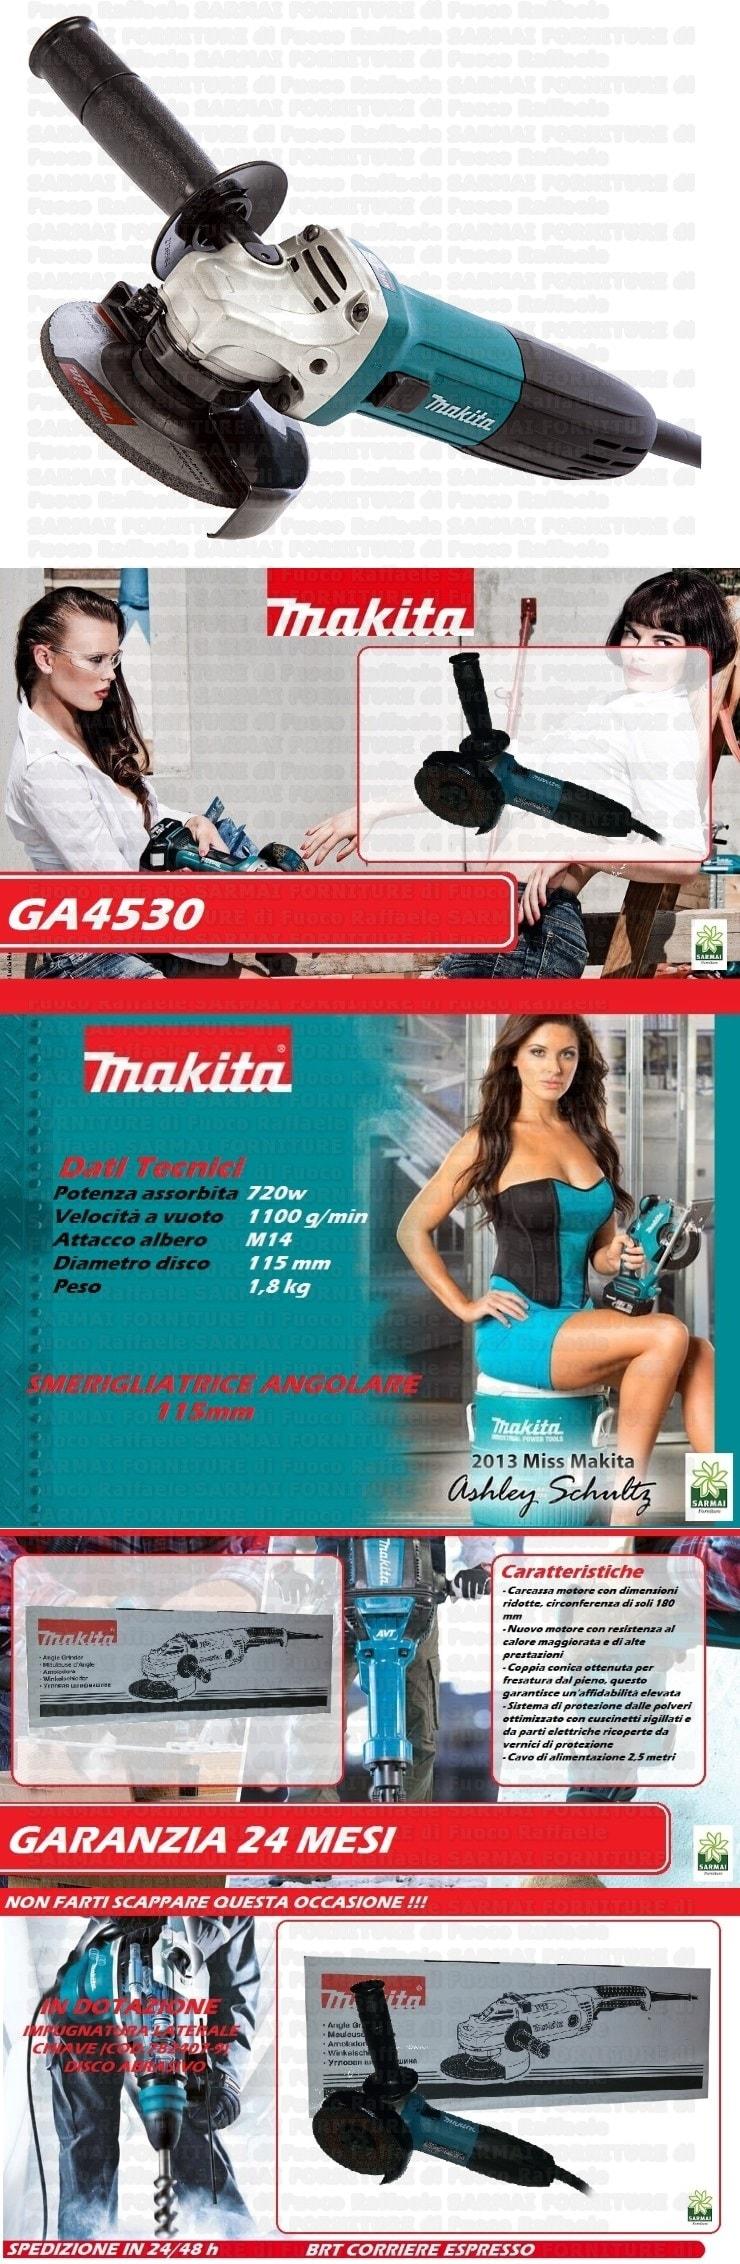 Makita GA4530